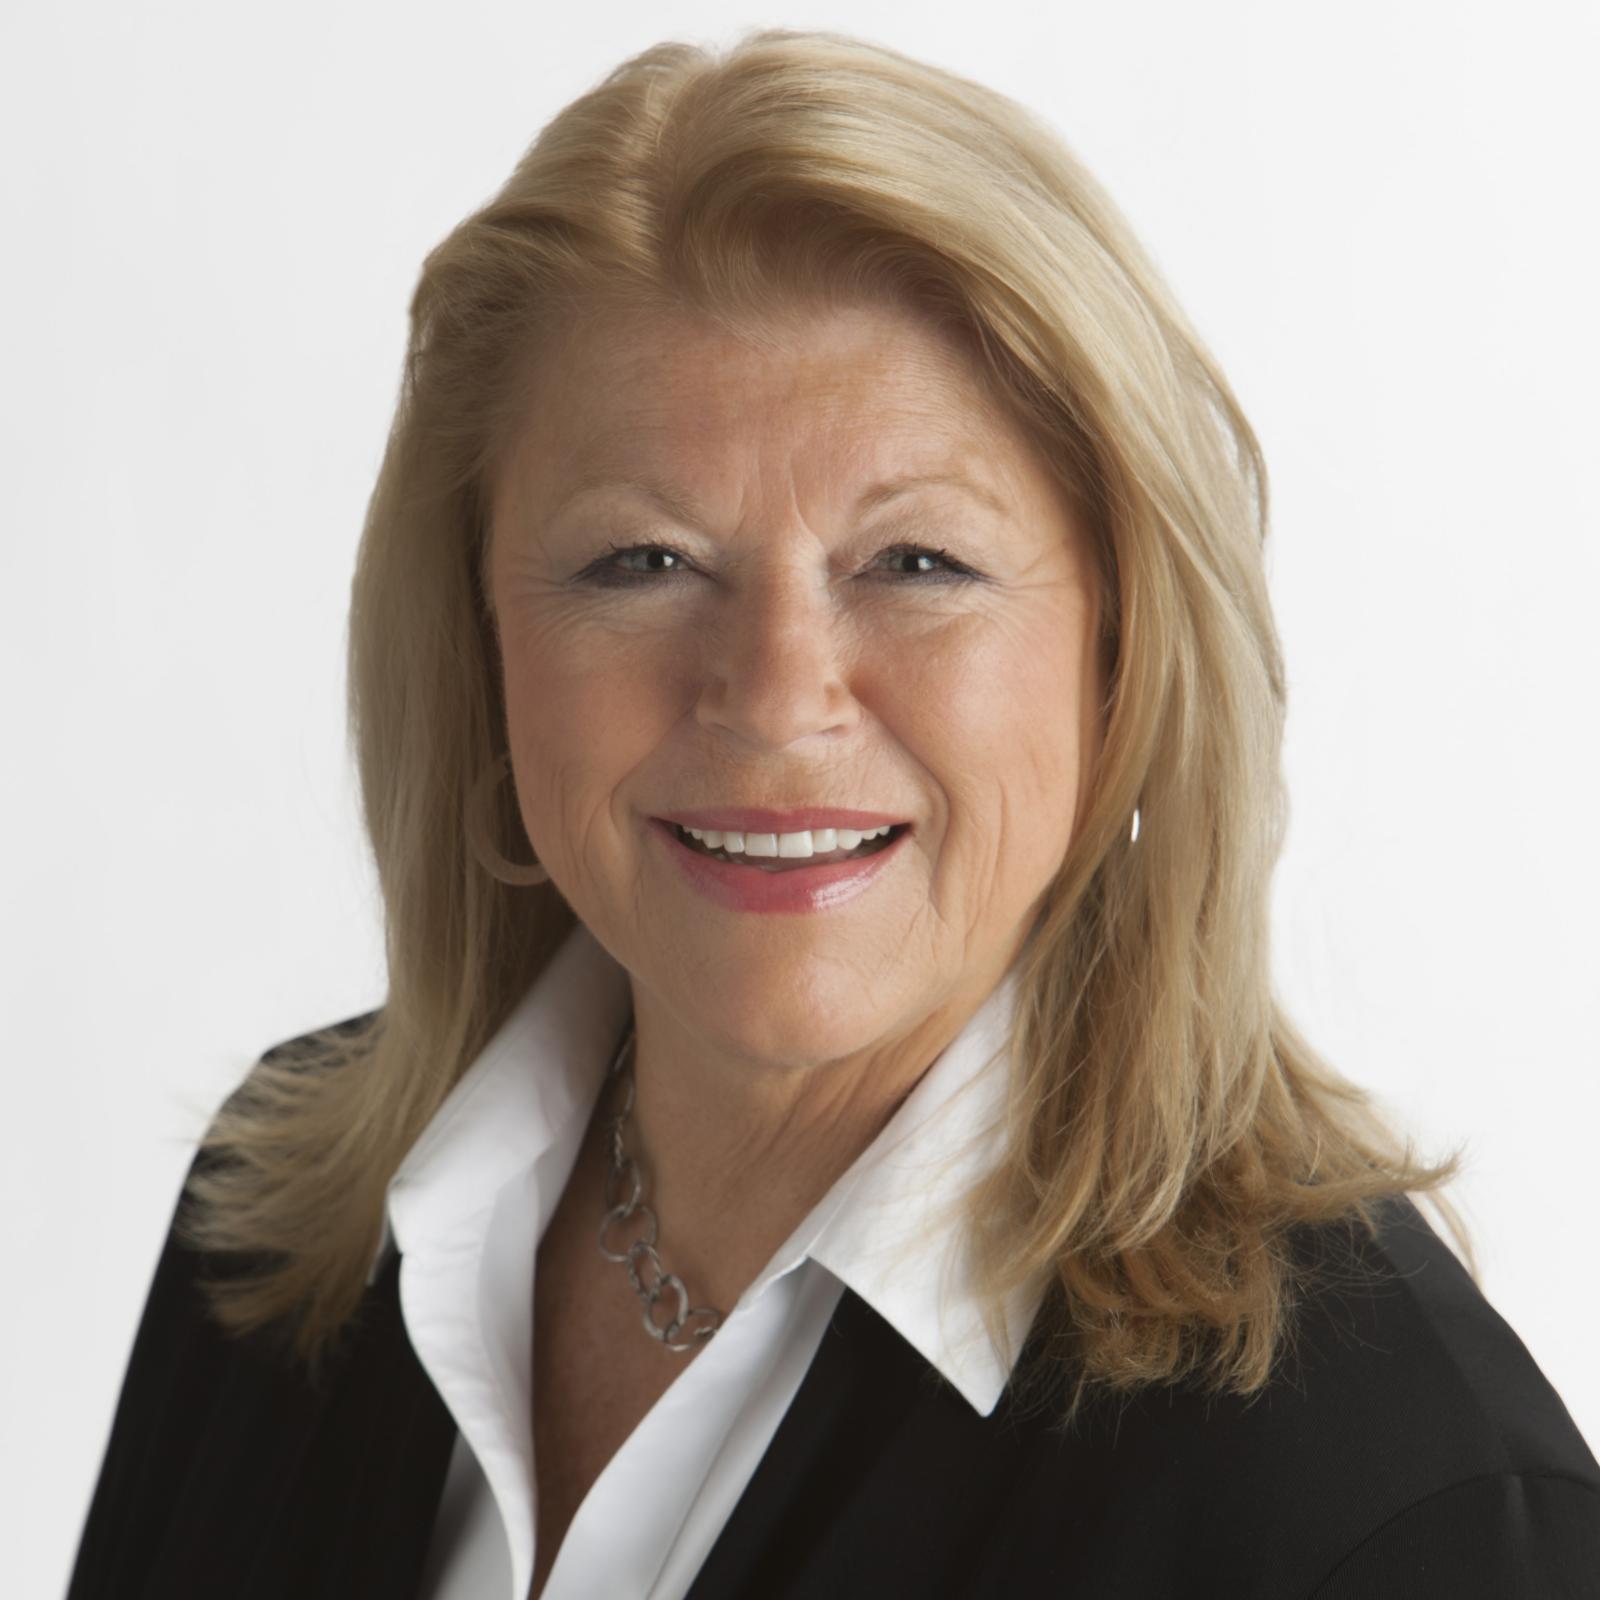 Brenda Oliver